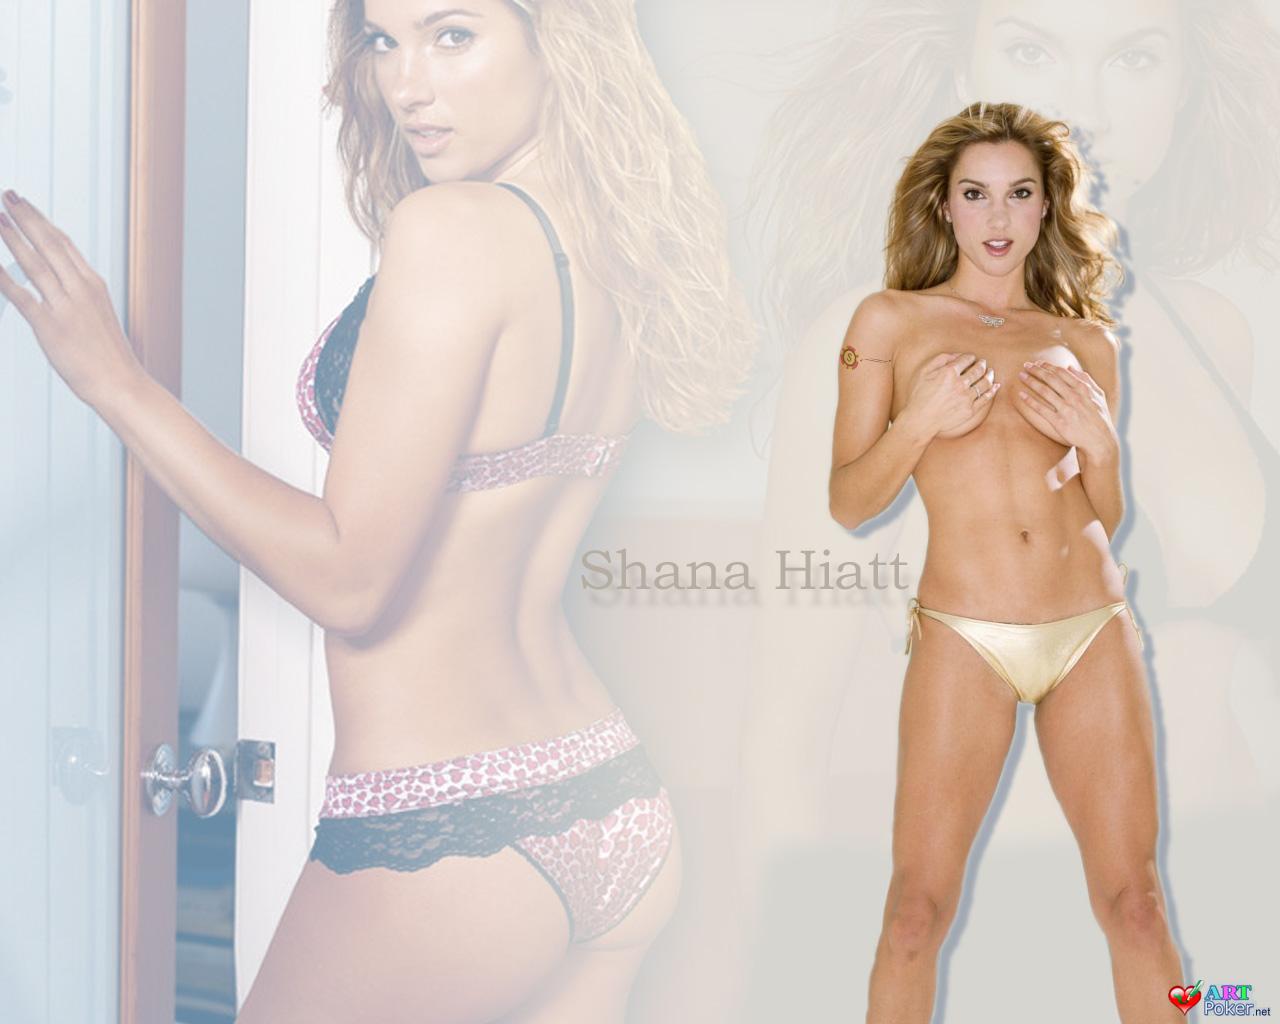 Shana Hiatt Wallpaper